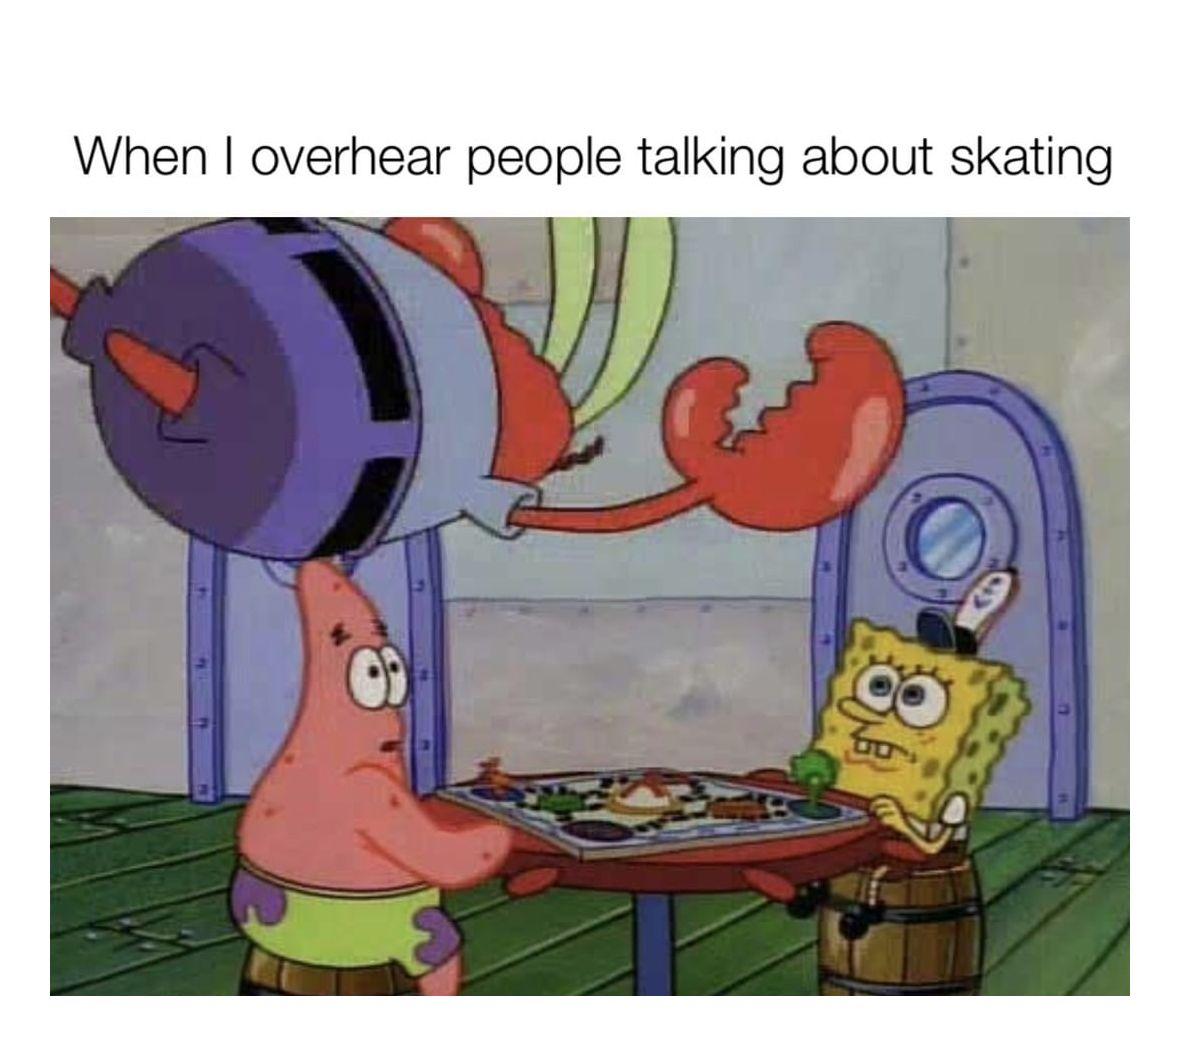 who can relate?   via @brailleskate  #skateallday #skate4life #skatelife #sk8 #skater #skatefun #skatespot #metrogrammed #skatecrunch #sk8ing #supreme #sk8er #skatememes #skatermemes pic.twitter.com/KtKydG6RE0